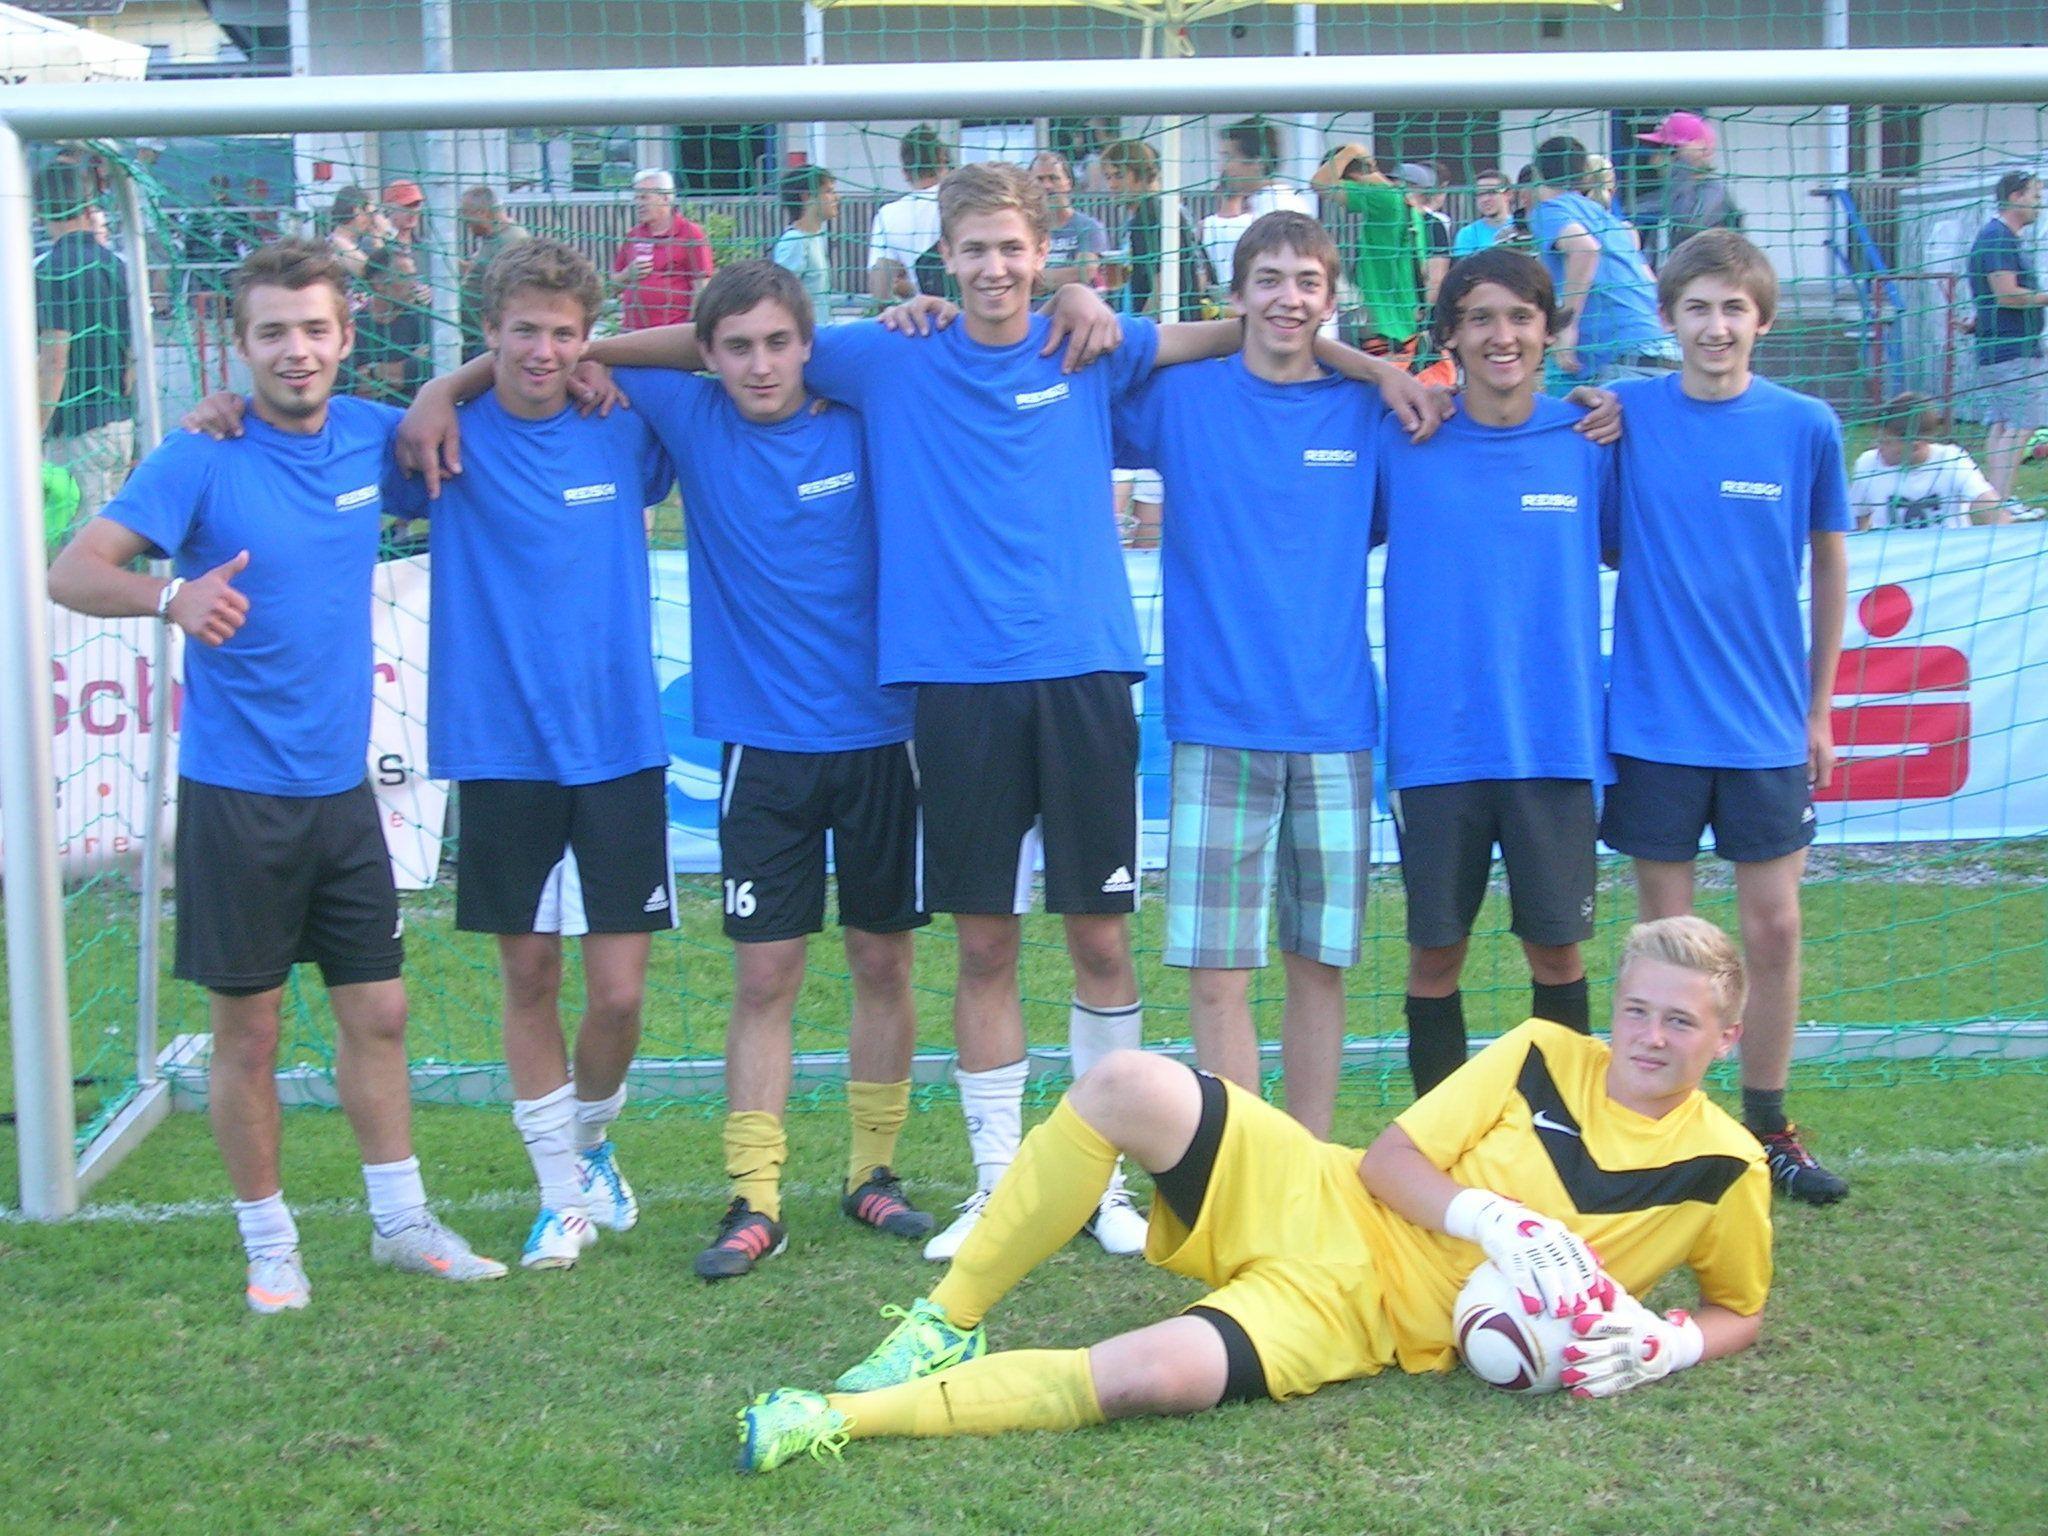 Die Spielgemeinschaft REISCH verteidigte erfolgreich ihren Vorjahressieg im Lehrlings-Fußballwettbewerb in Nenzing.